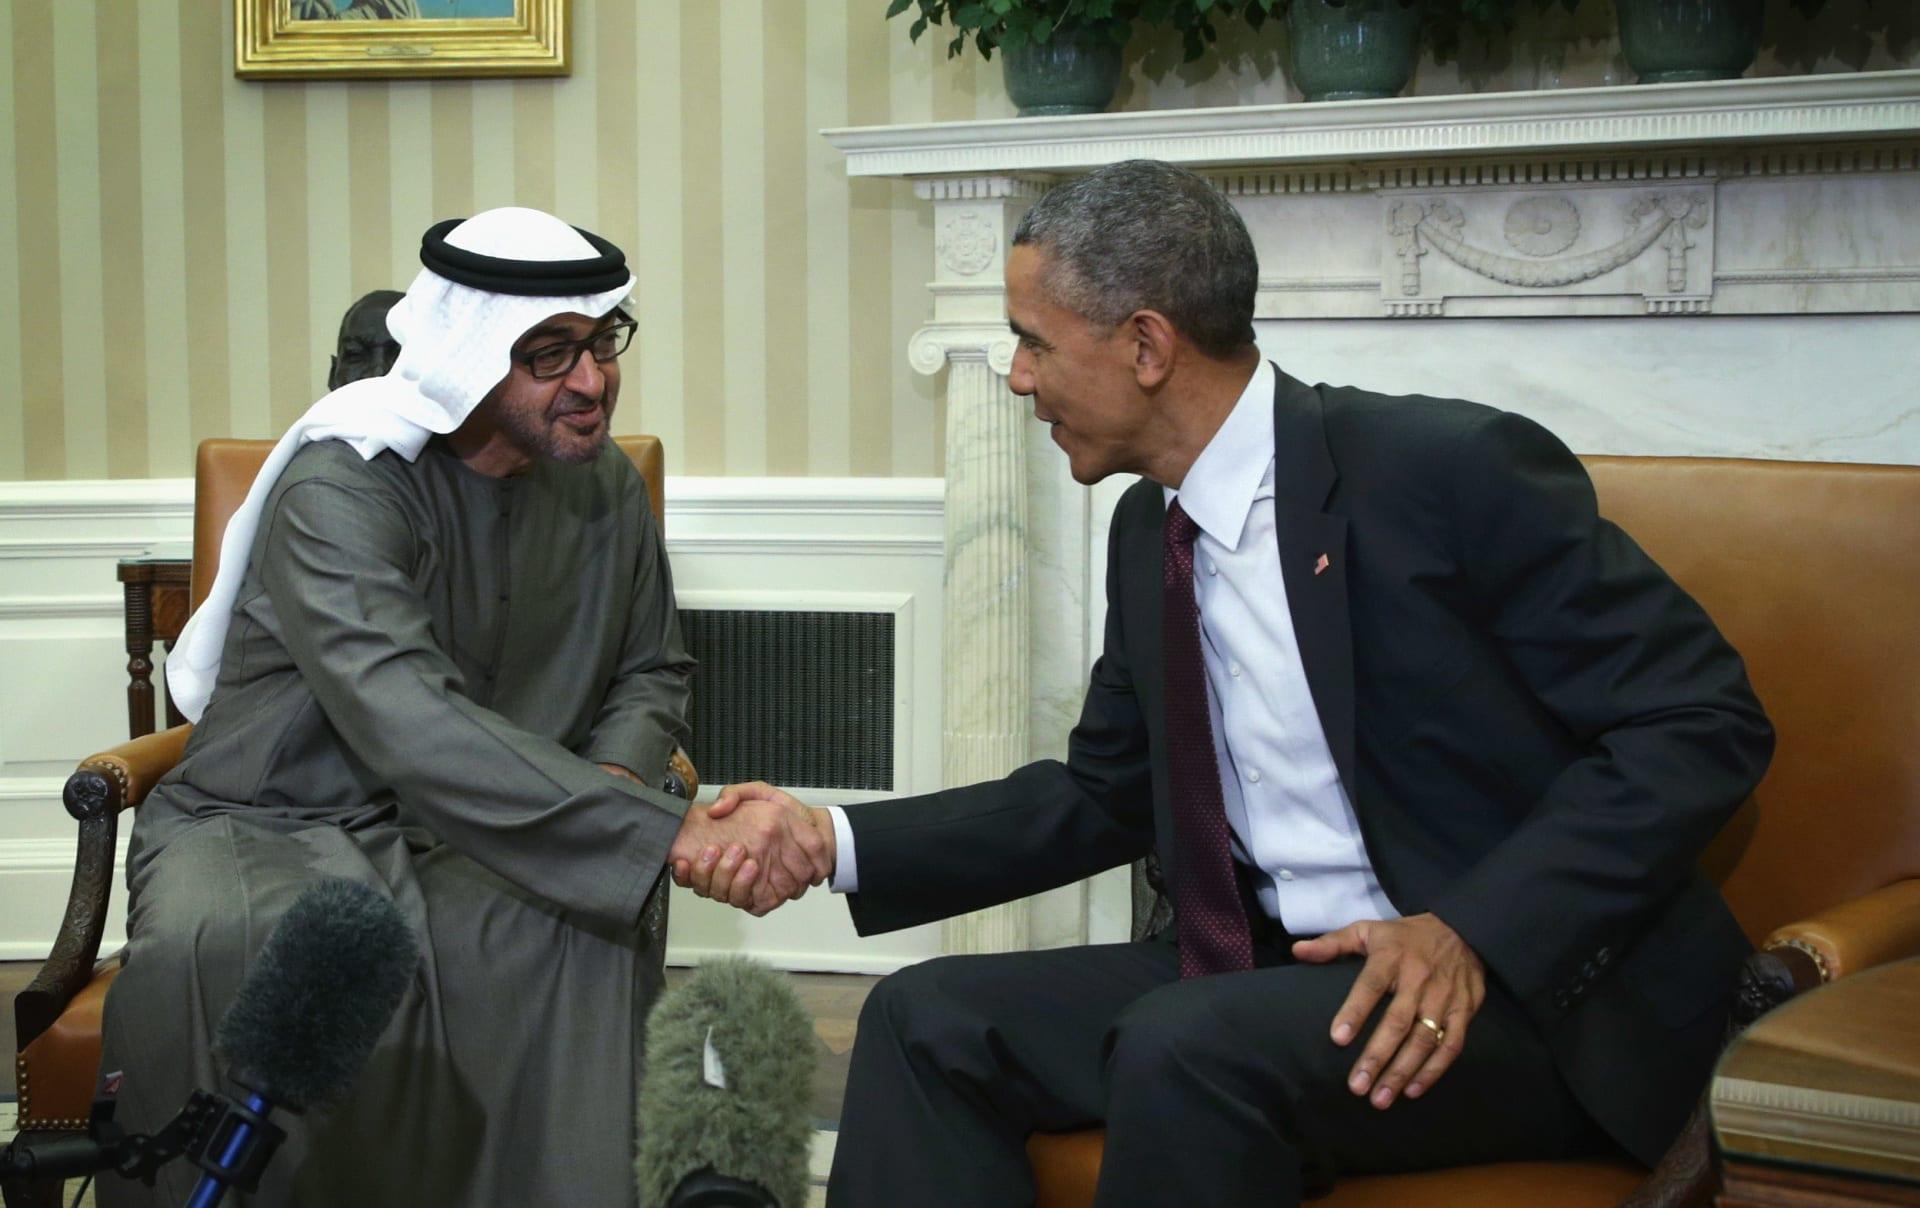 صورة أرشيفية من لقاء أوباما ومحمد بن زايد بالبيت الأبيض في أبريل 2015